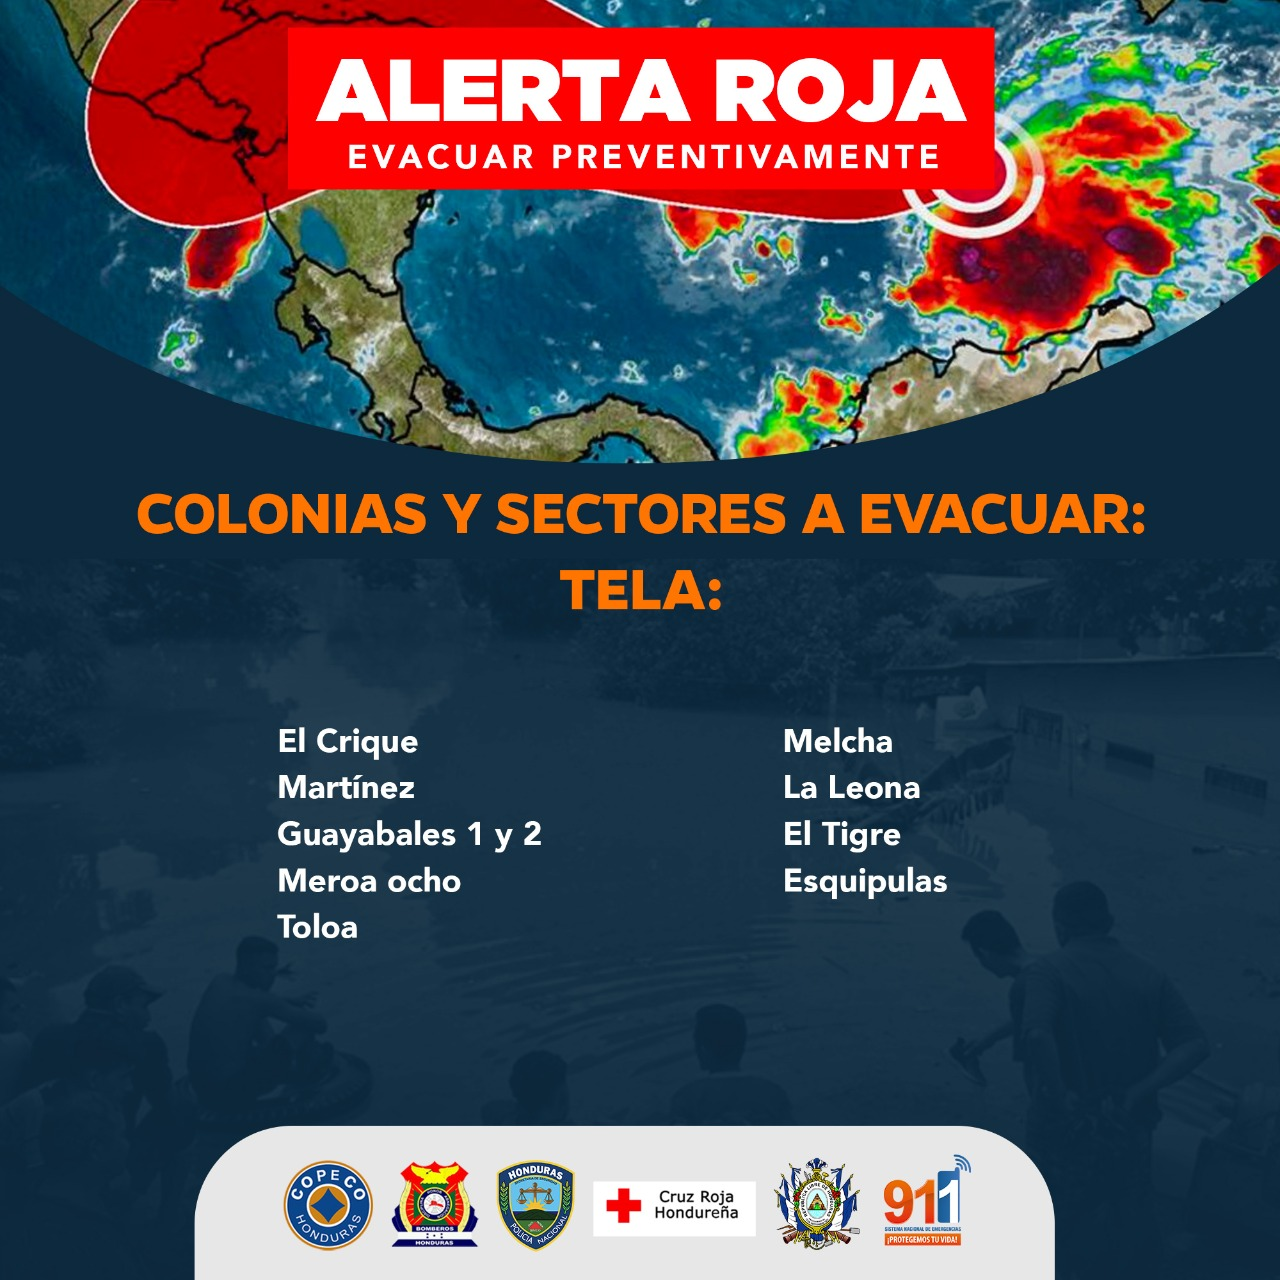 Estas son las colonias y sectores a evacuar de inmediato por